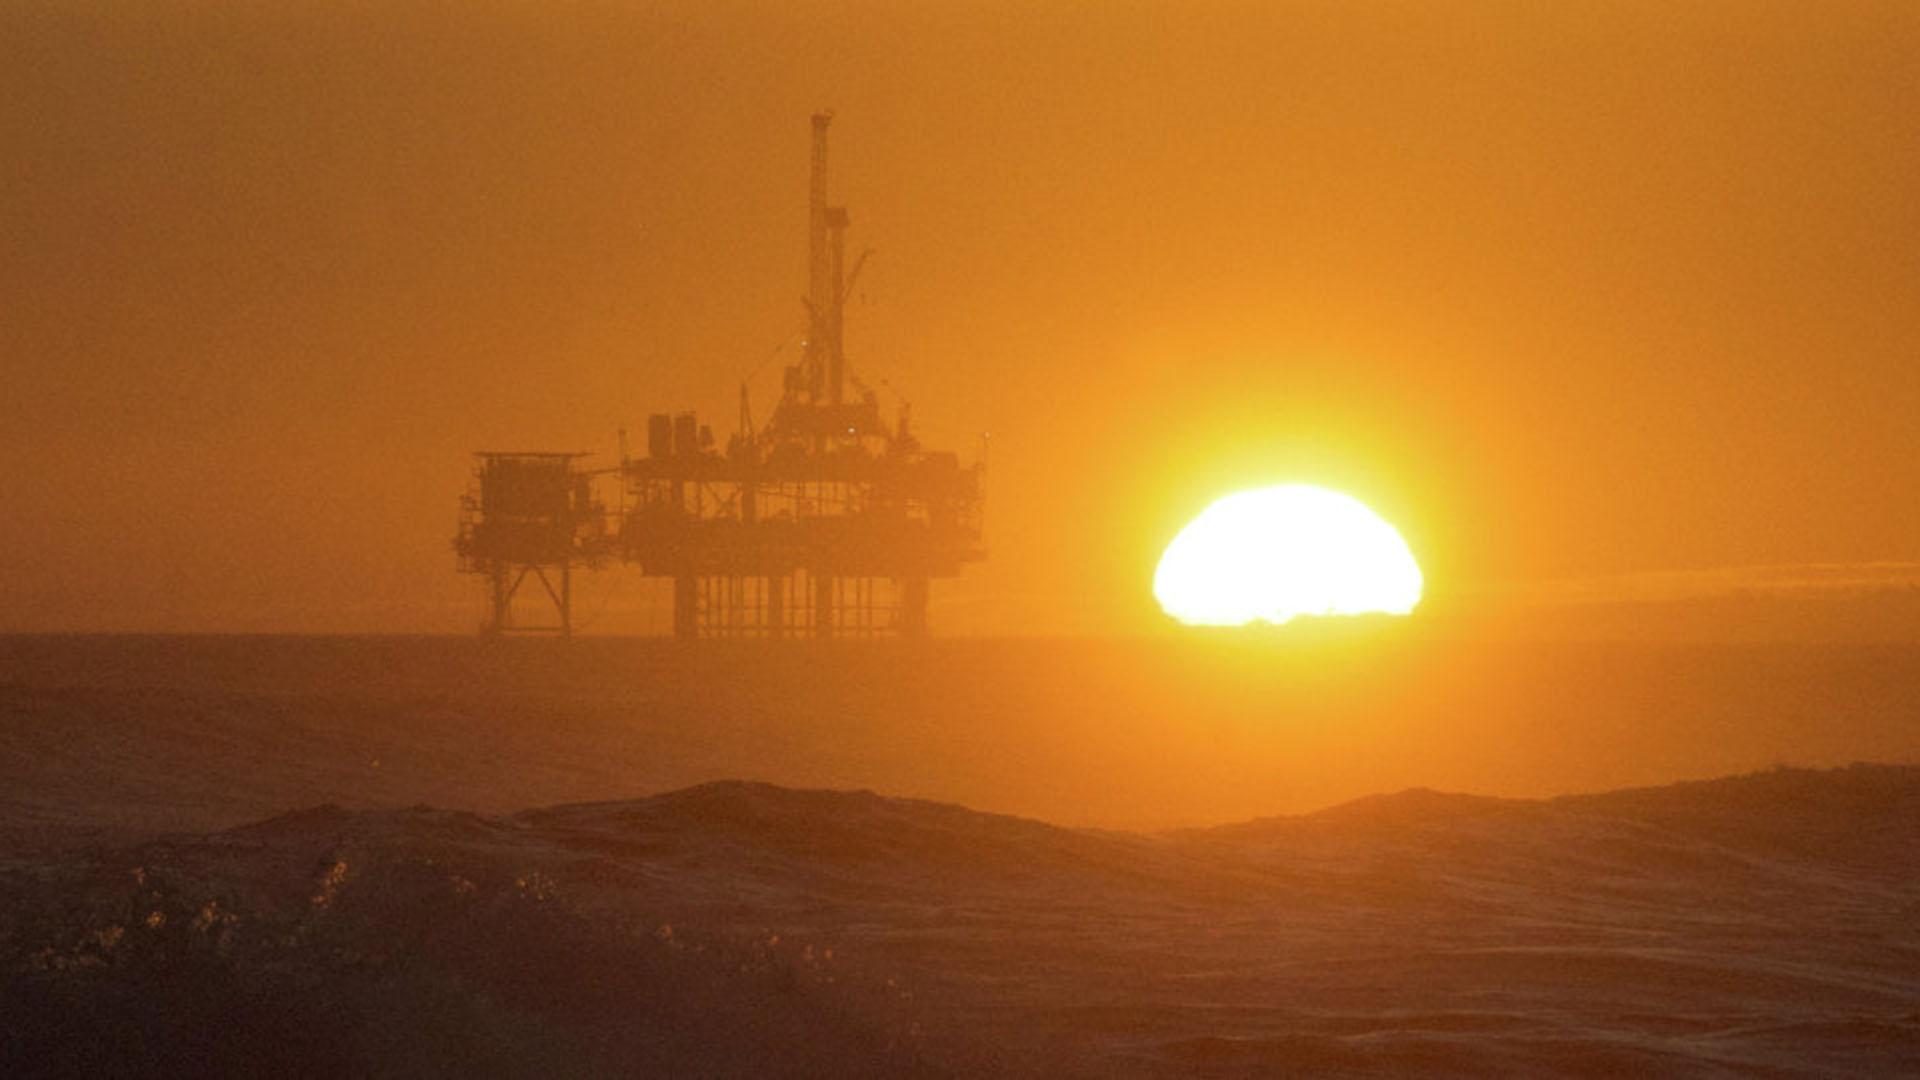 El pequeño país petroleroes vecino de Irán